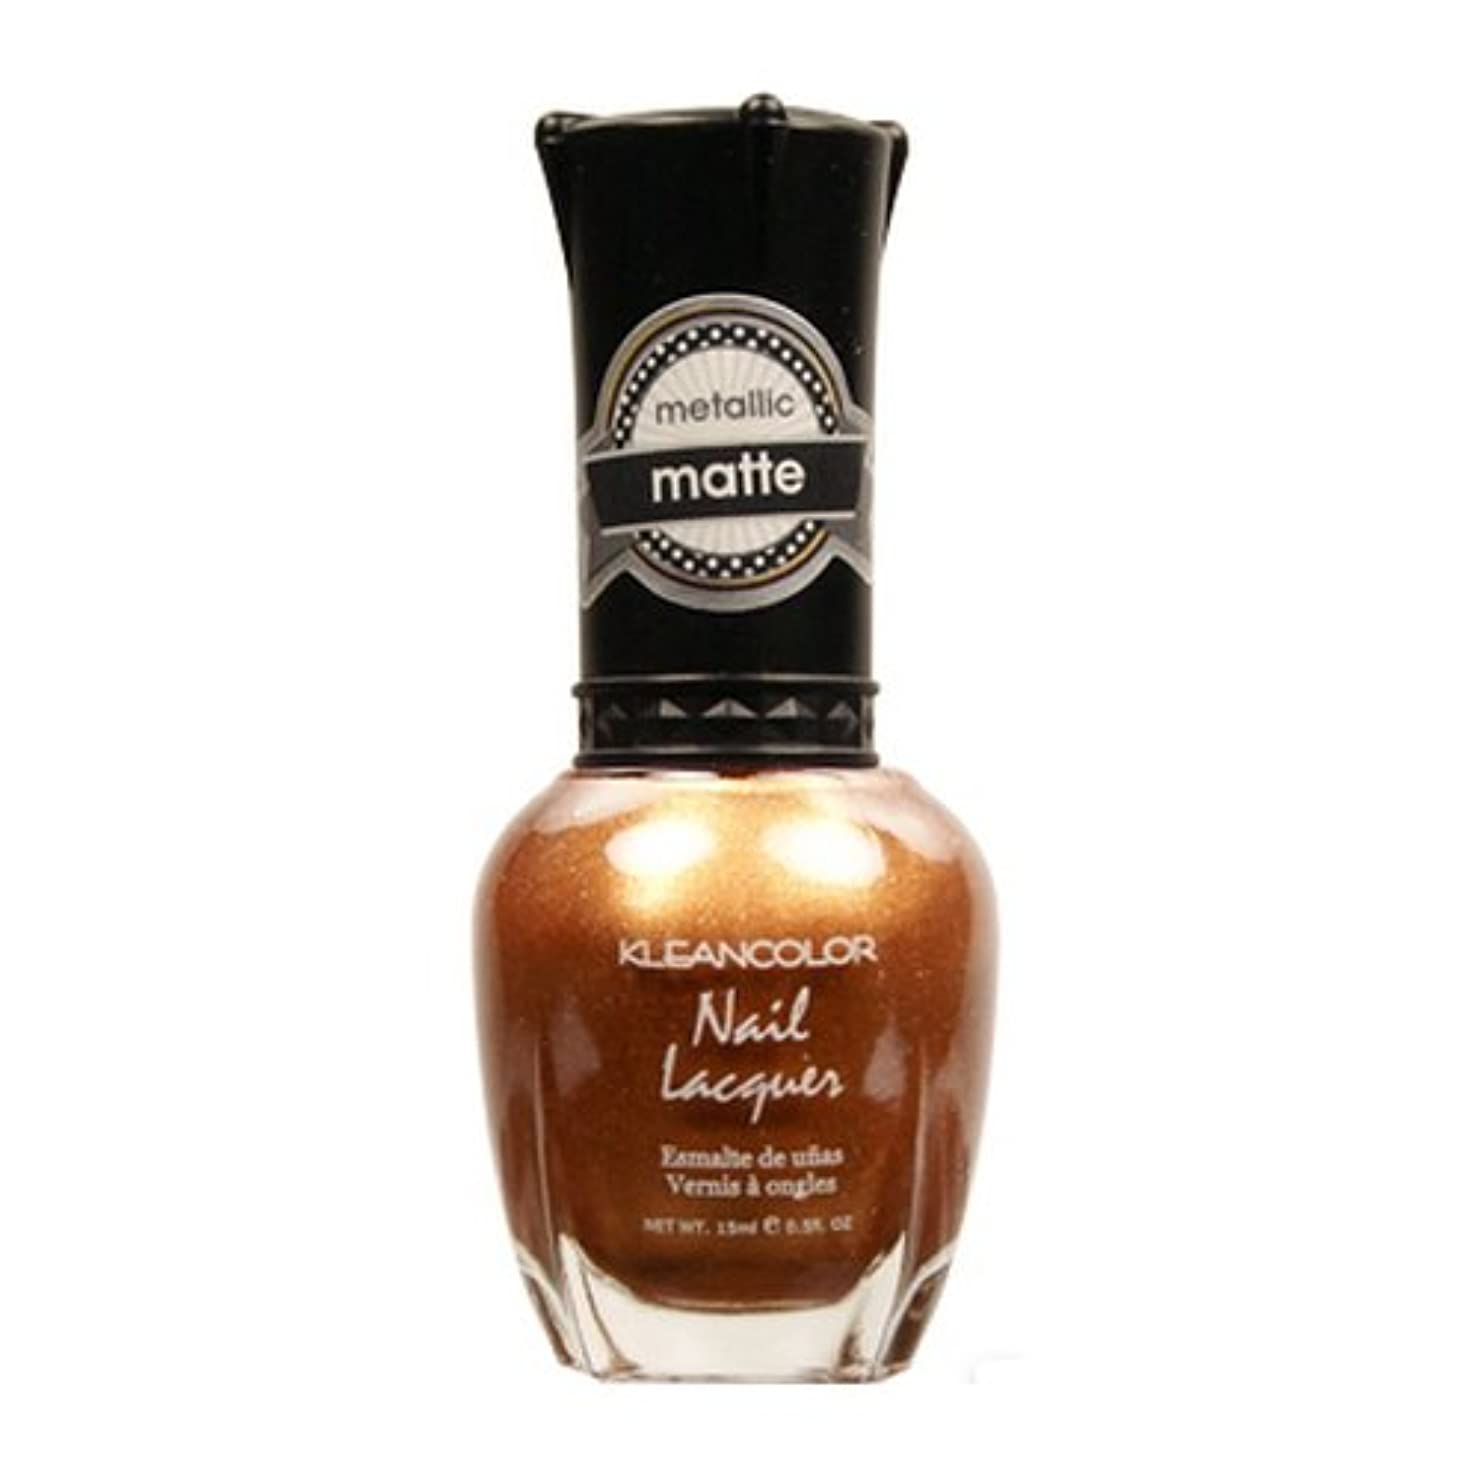 大洪水テロリスト幸運(3 Pack) KLEANCOLOR Matte Nail Lacquer - Life in Gold Castle (並行輸入品)